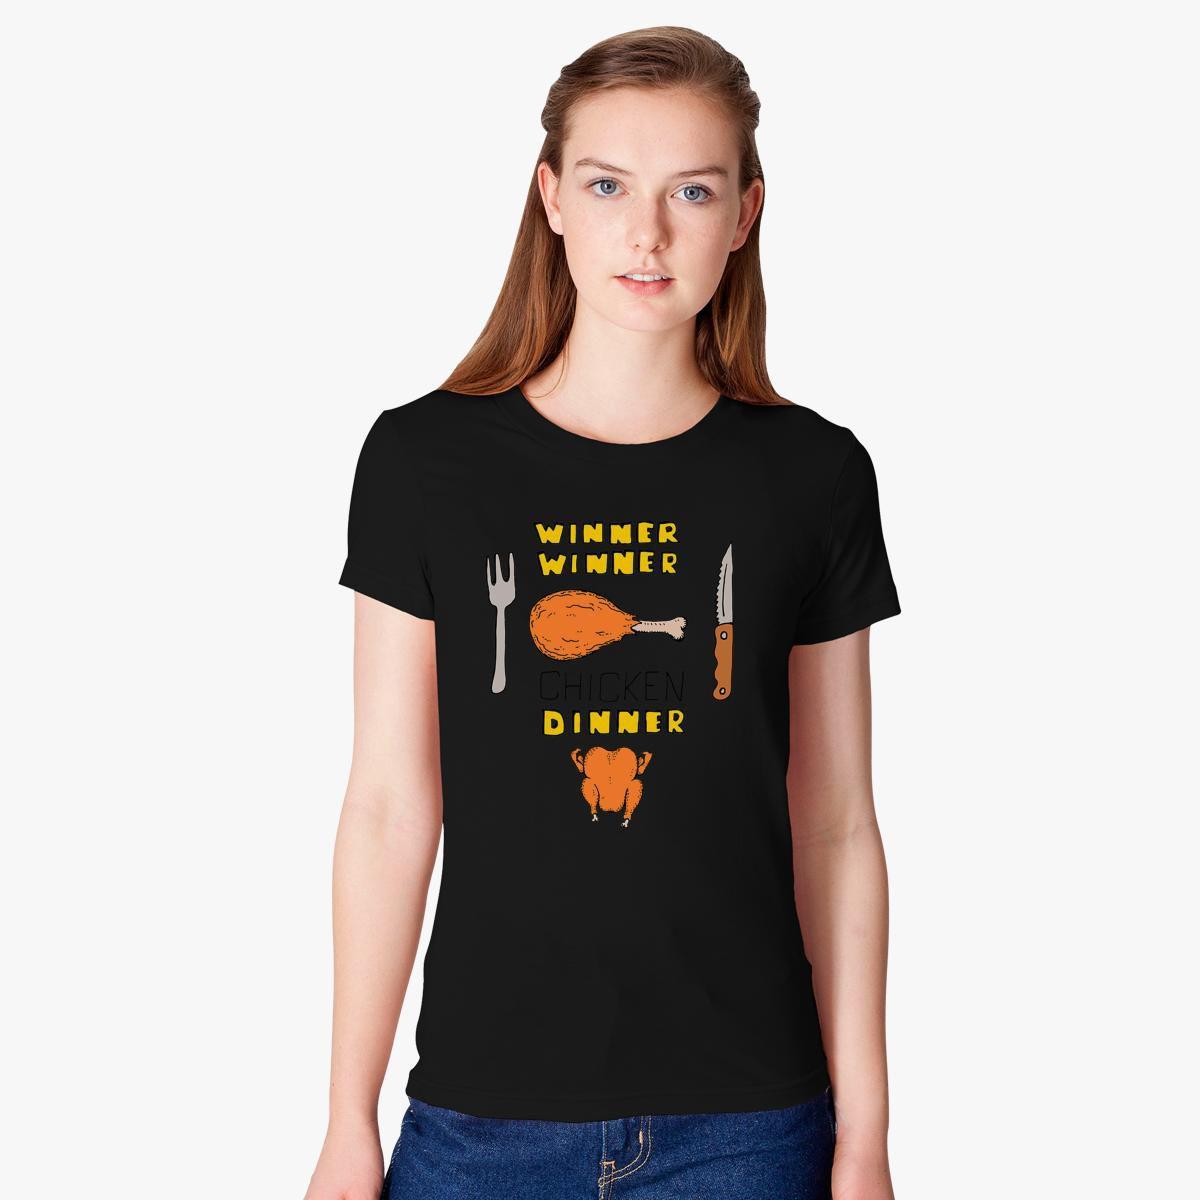 471a61d63 Winner Winner Chicken Dinner Women's T-shirt - Customon